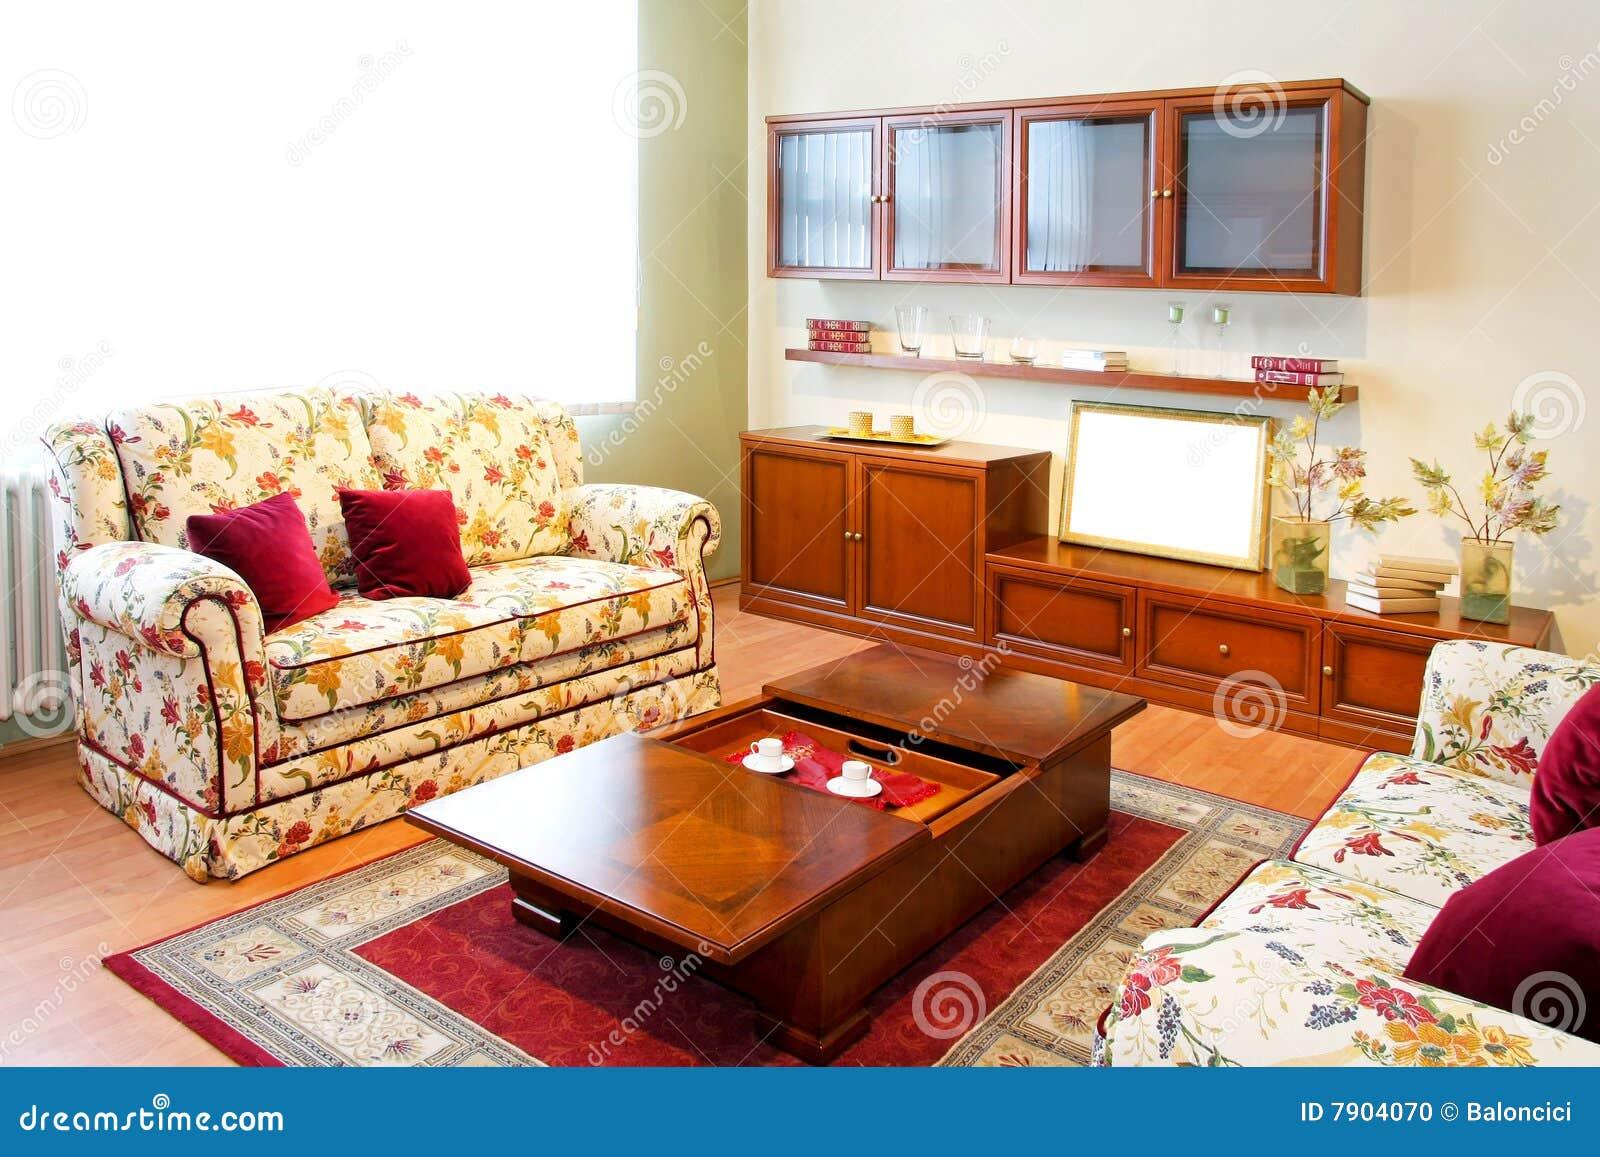 Wohnzimmer stockfoto bild 7904070 for Wohnzimmer junggeselle